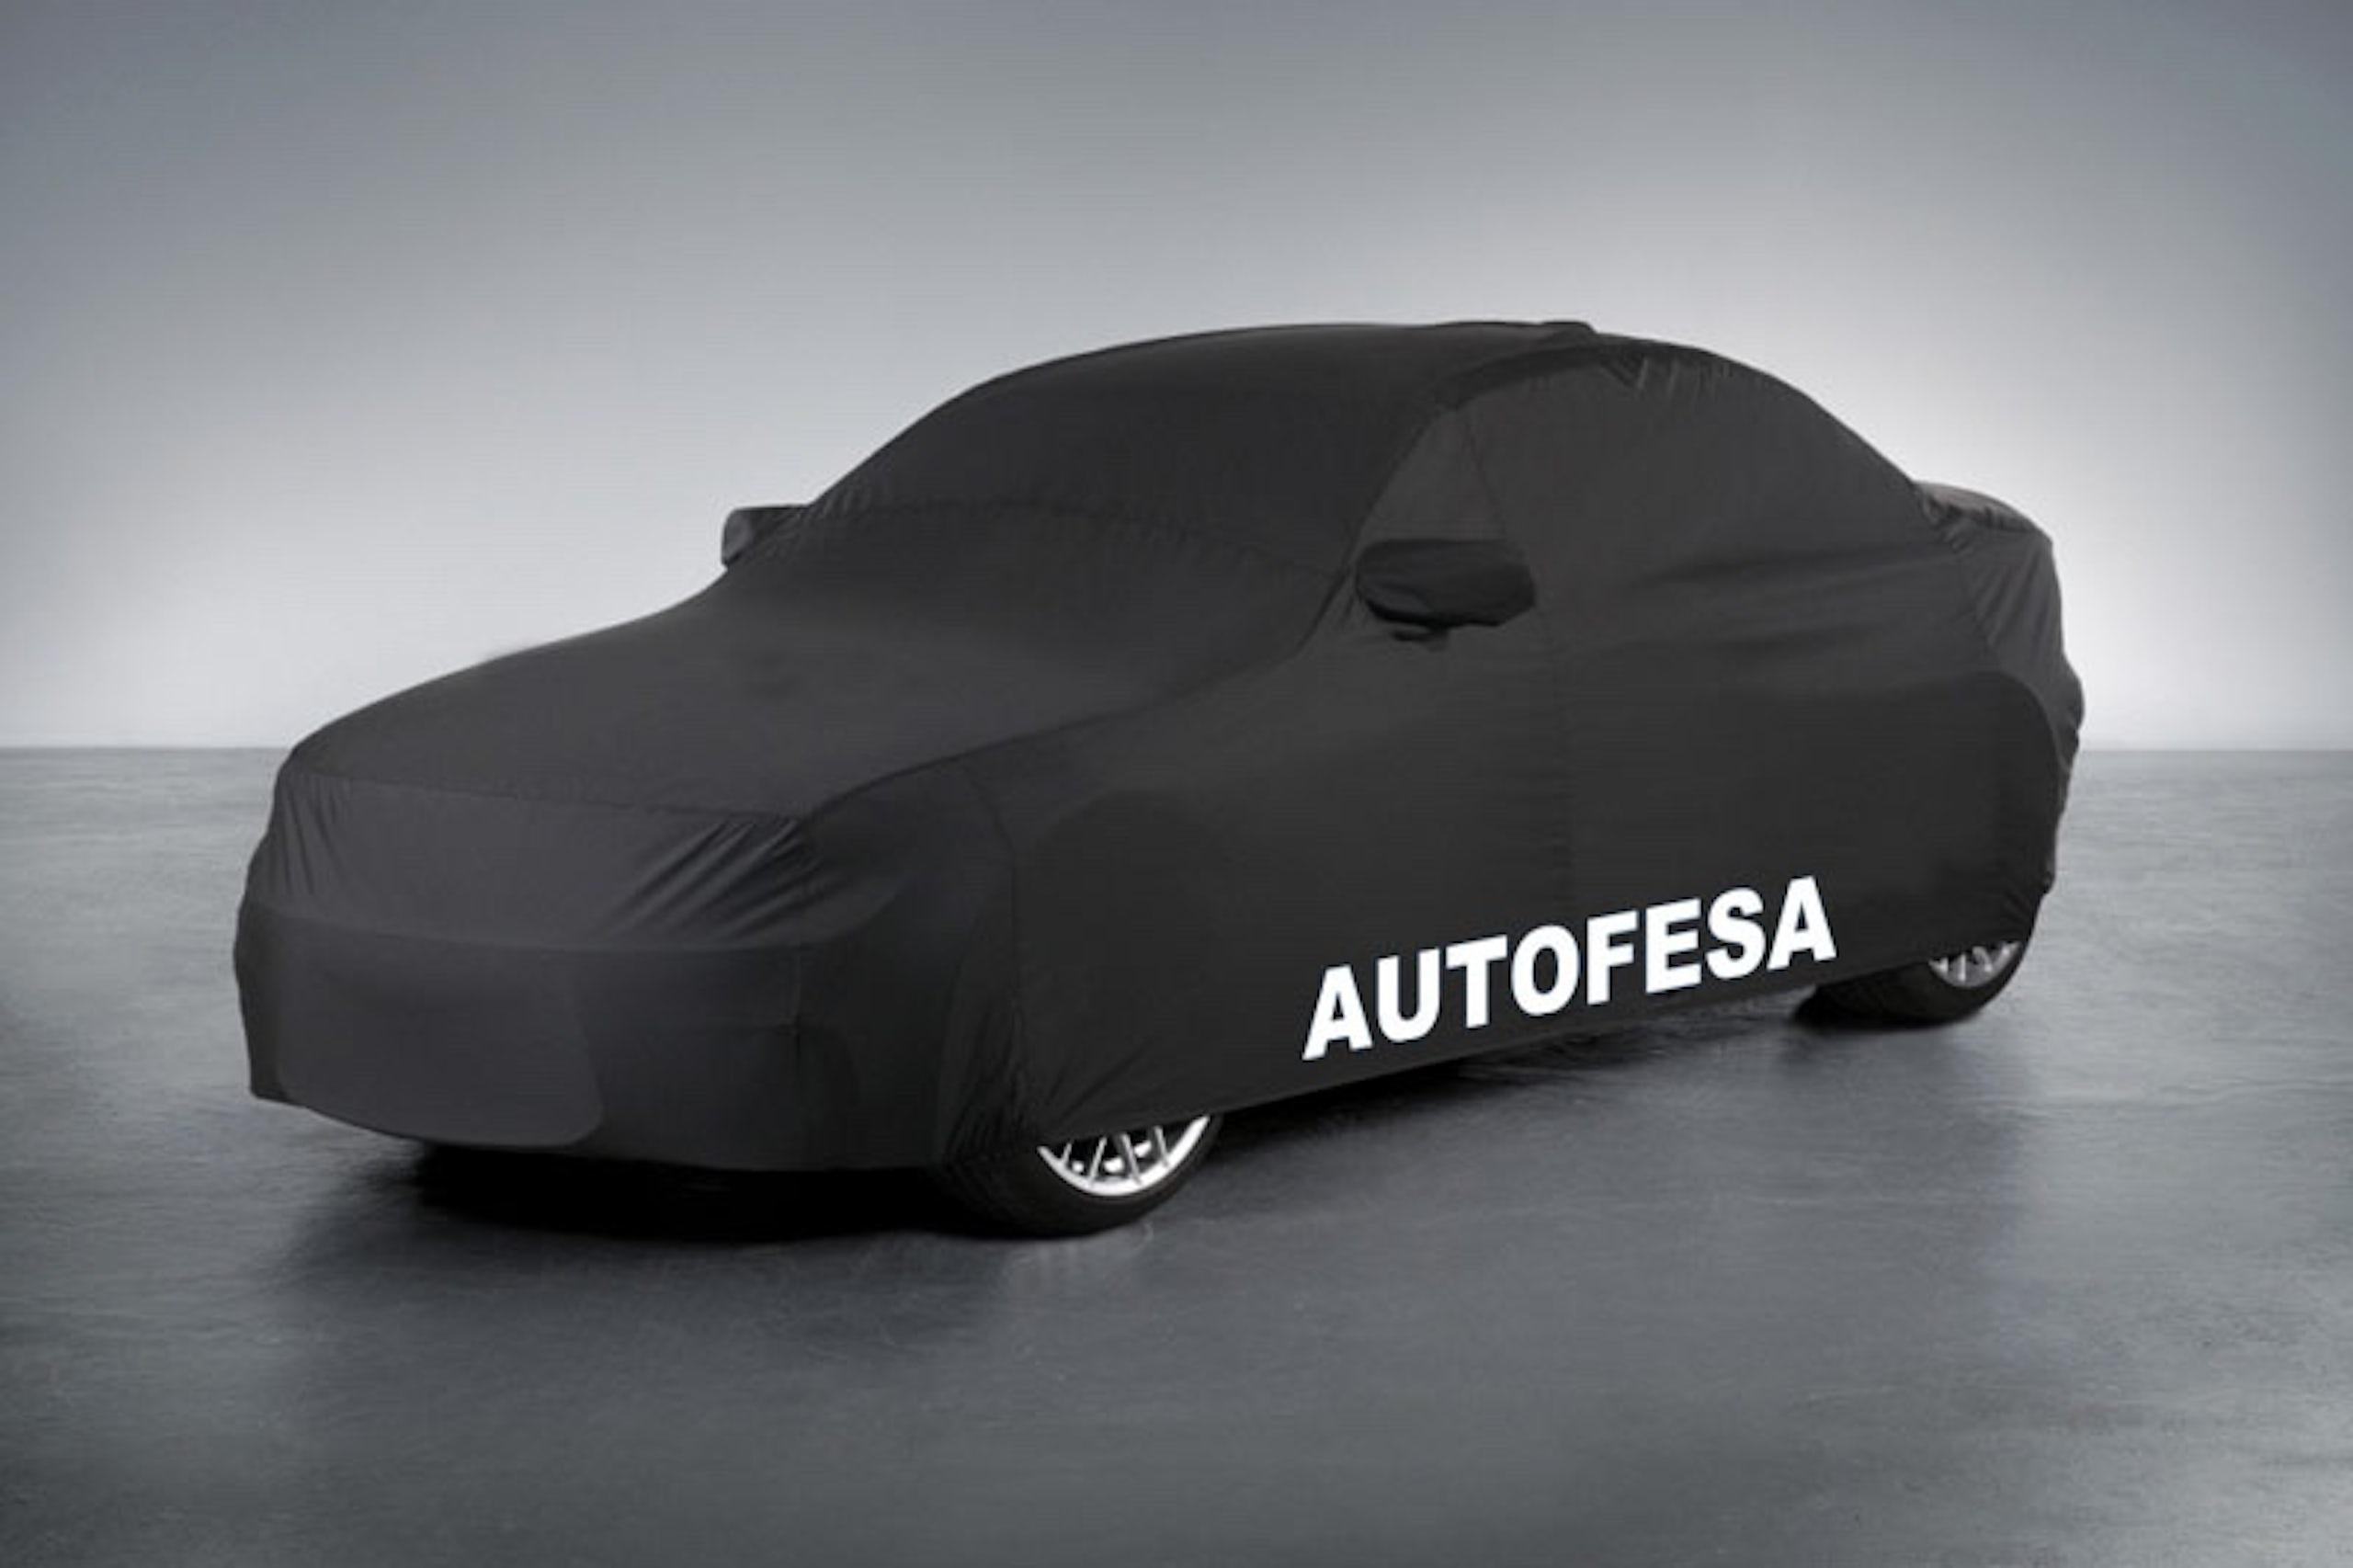 Audi Tts S Coupé 2.0 TFSI 245cv quattro S Line 3p S tronic Auto S/S - Foto 10